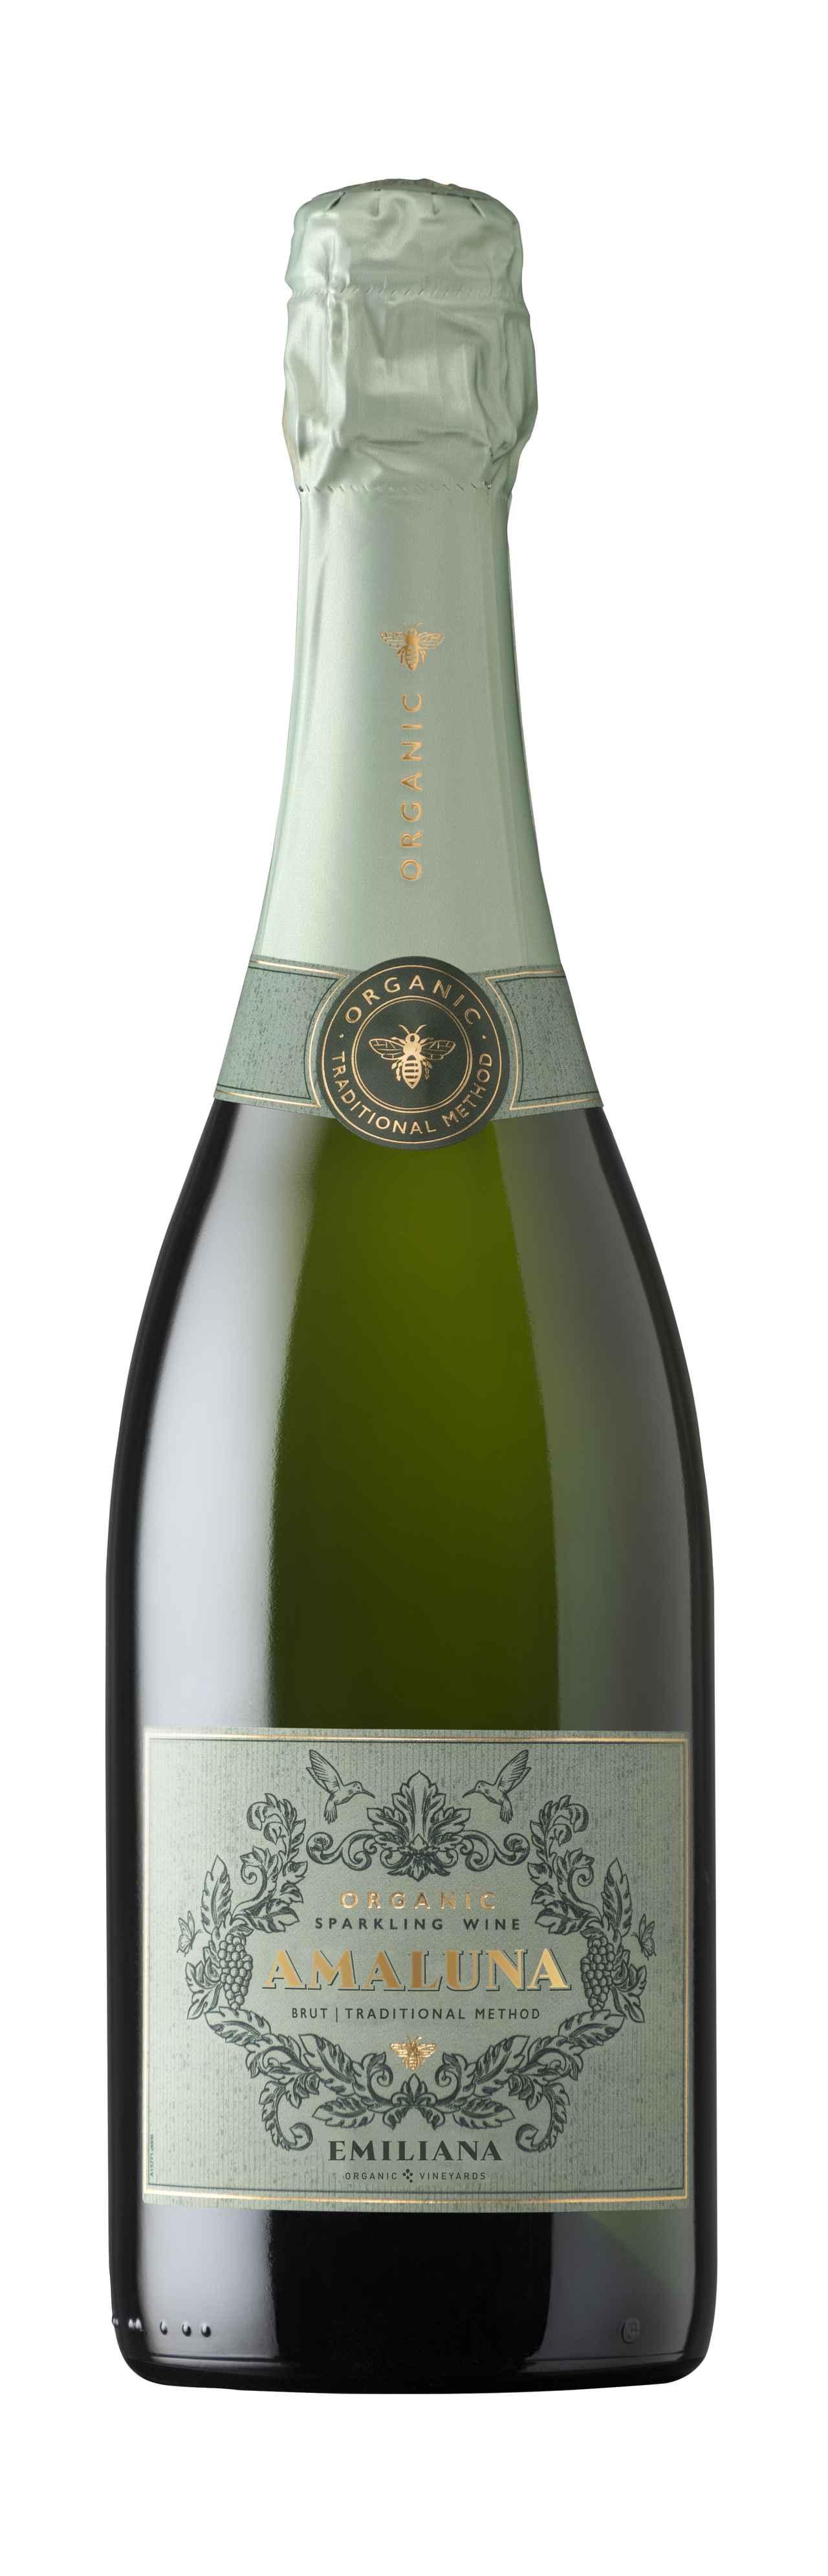 画像: 『アマルナ・オーガニック・スパークリング・ワイン ブリュット NV』(旧『エミリアーナ・オーガニック・スパークリング・ワイン ブリュット NV』) 生産者:エミリアーナ・ヴィンヤーズ 生産地:チリ/カサブランカ・ヴァレー 品種:シャルドネ80%、ピノ・ノワール20% 希望小売価格:2178円(税込)